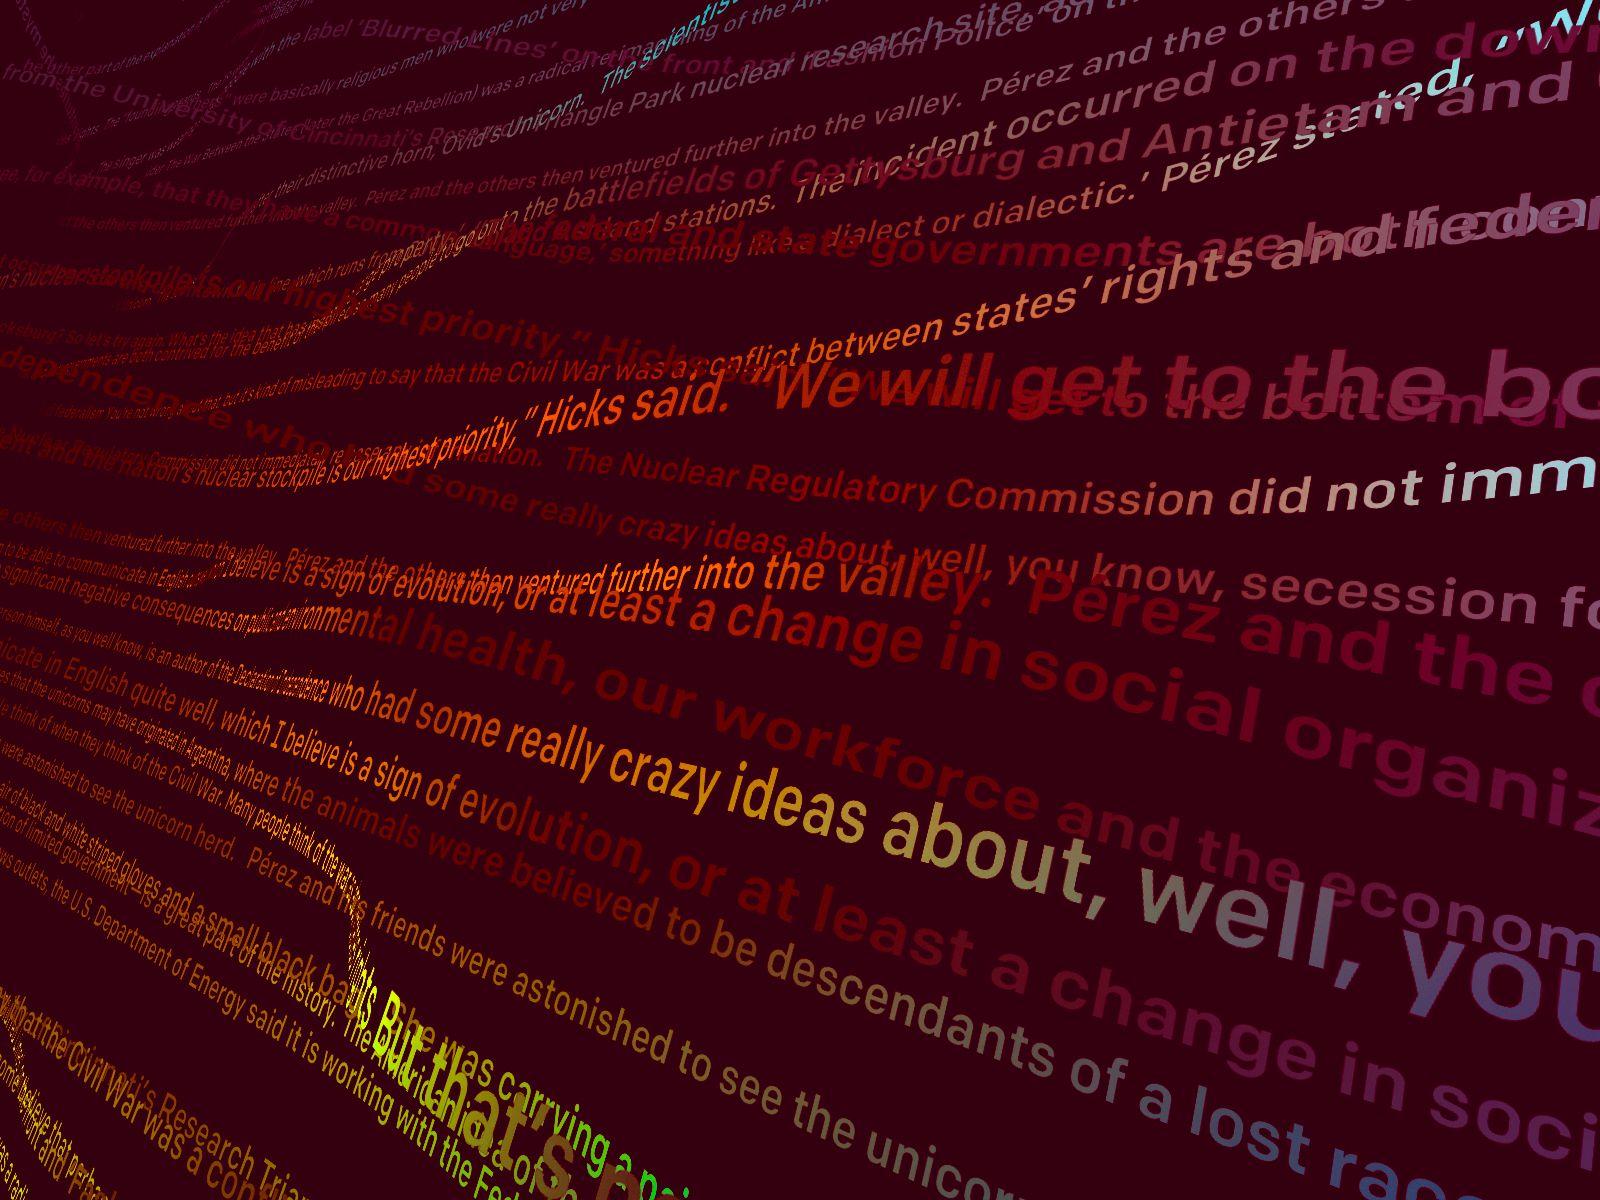 OpenAI, Paylaşmanın Tehlikeli Olduğunu Düşündüğü Yapay Zekayı Paylaştı